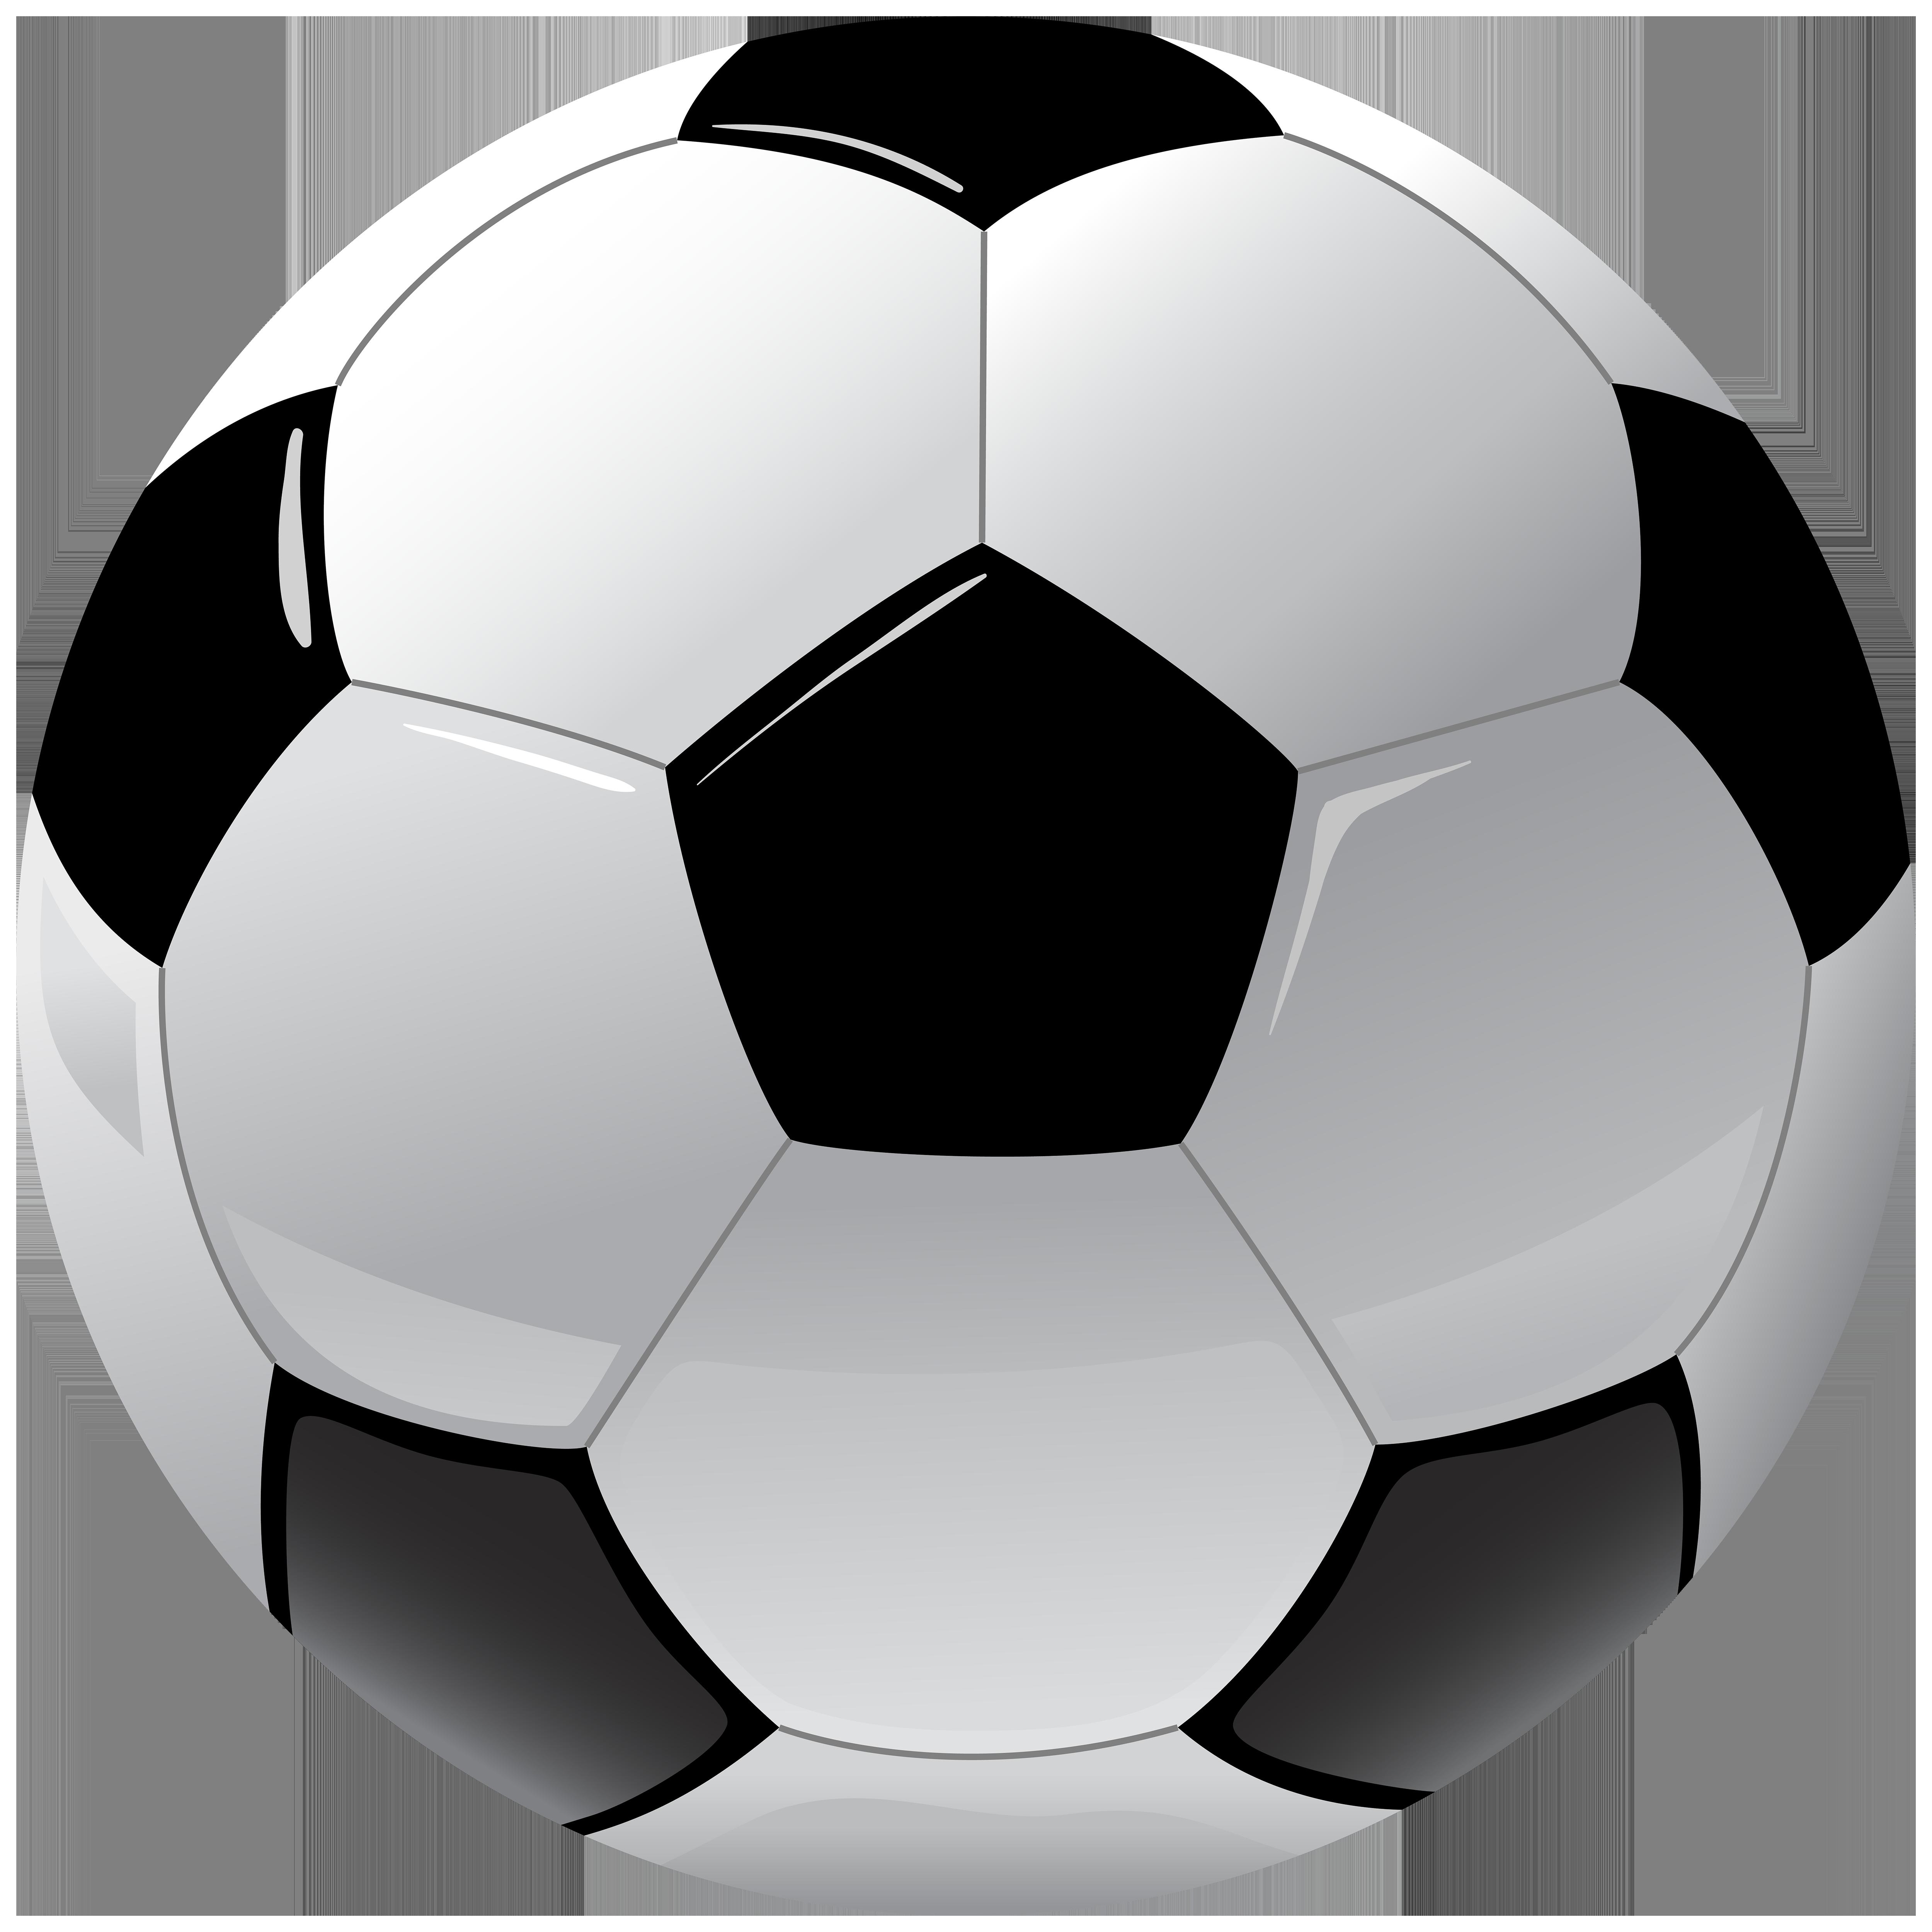 Heart clipart soccer. Ball png clip art